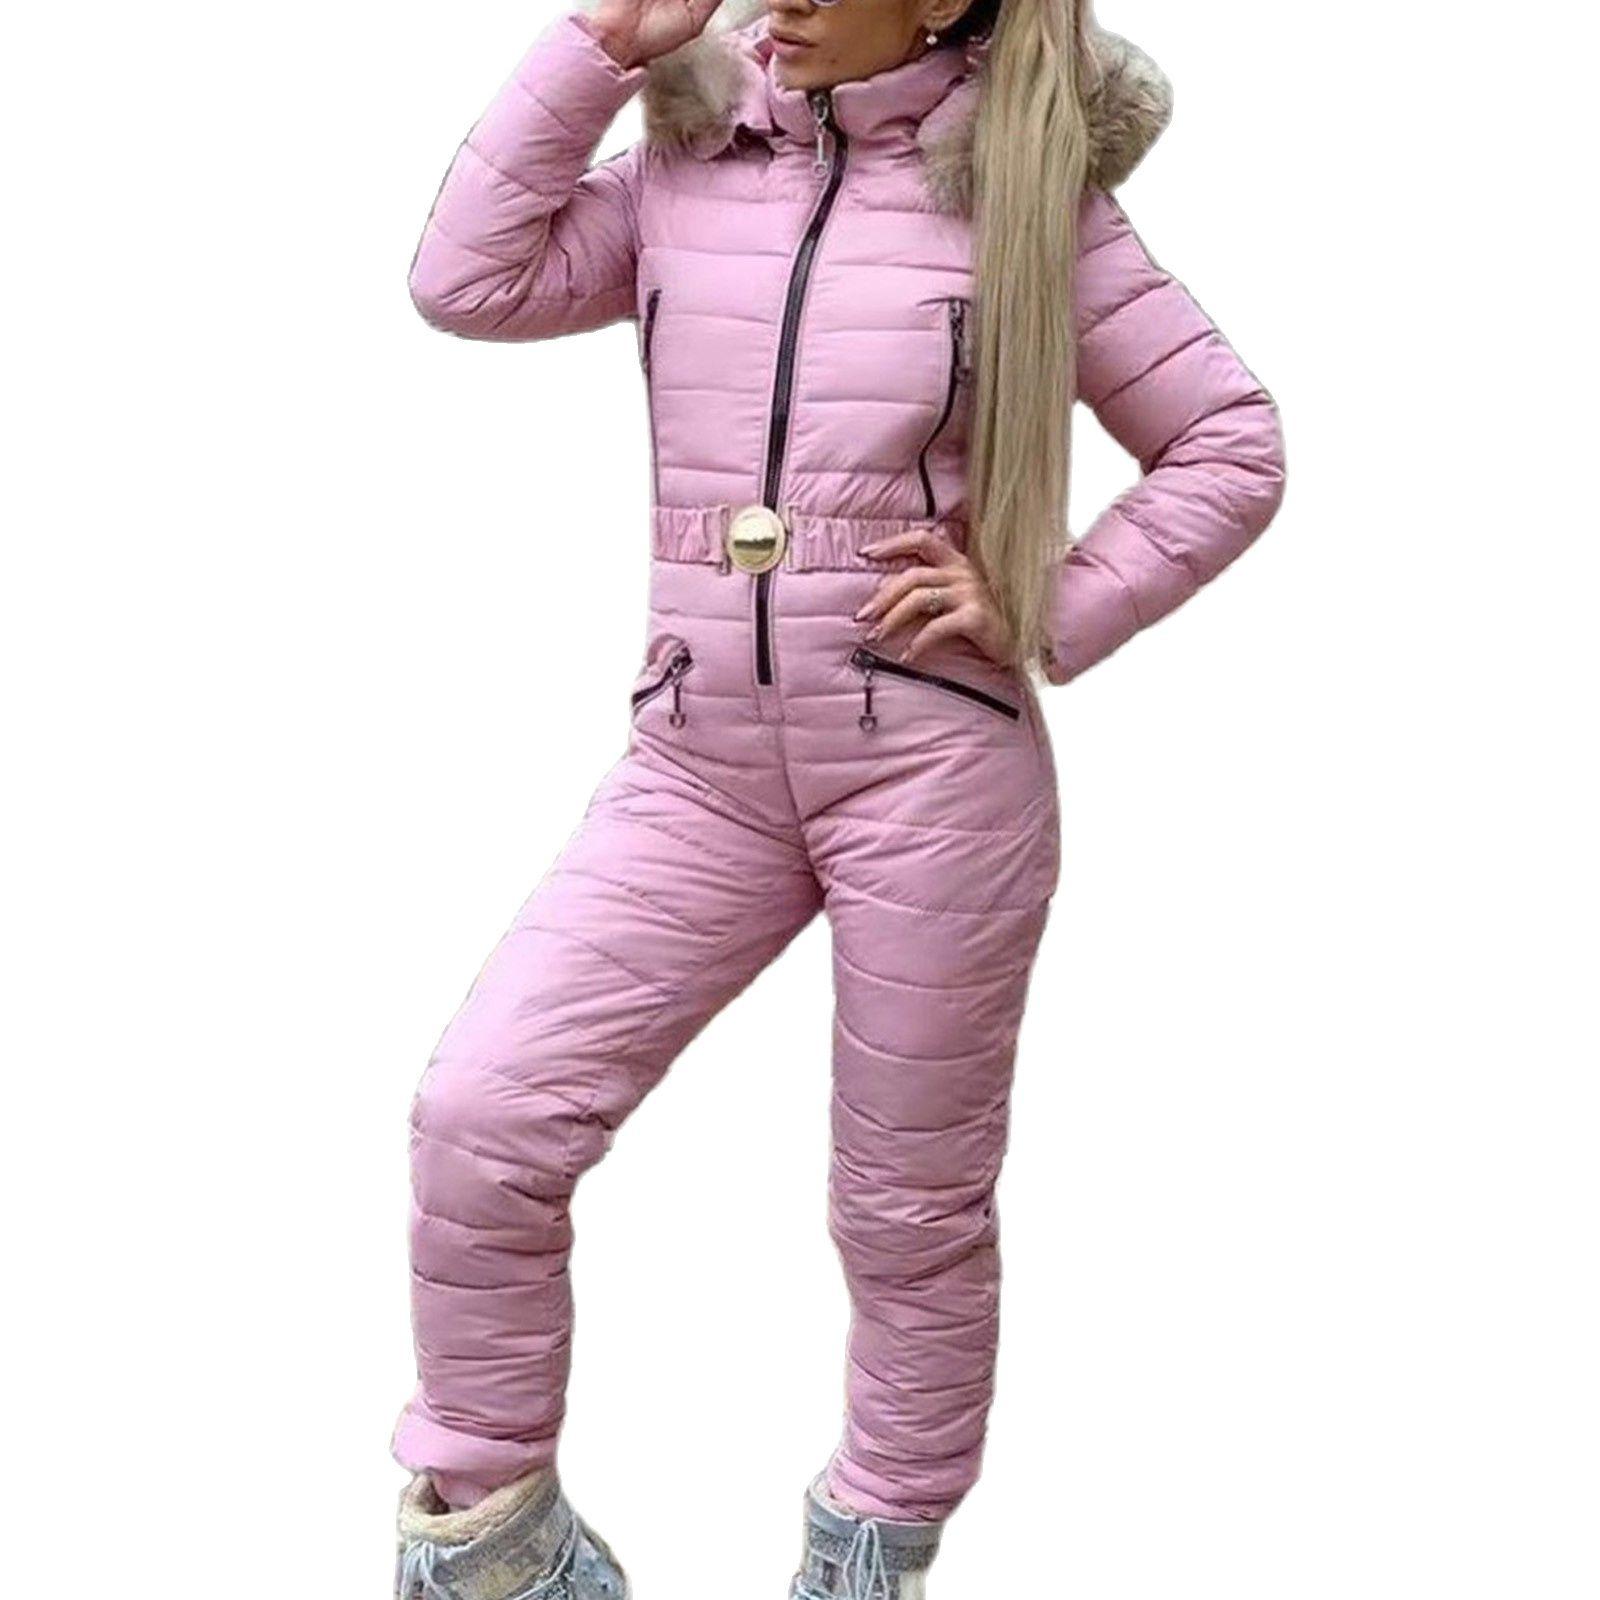 Winter Parka Women One Piece Ski Suit Jumpsuit Thick Hot Skisuit  Sports Zipper Ski Suit Overalls For Women Bodysuit Snow Jacket